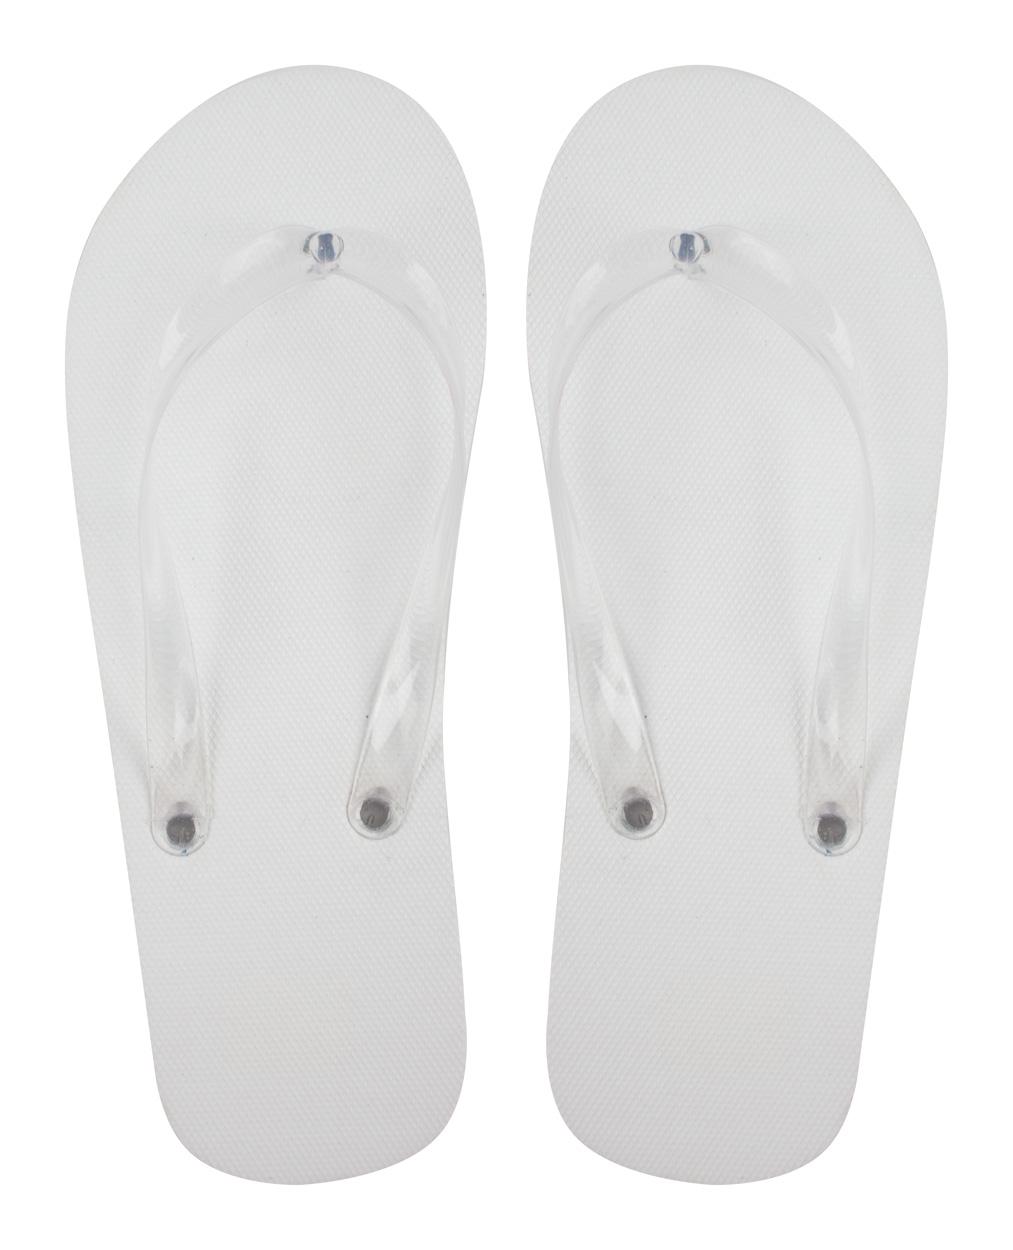 Varadero beach slippers